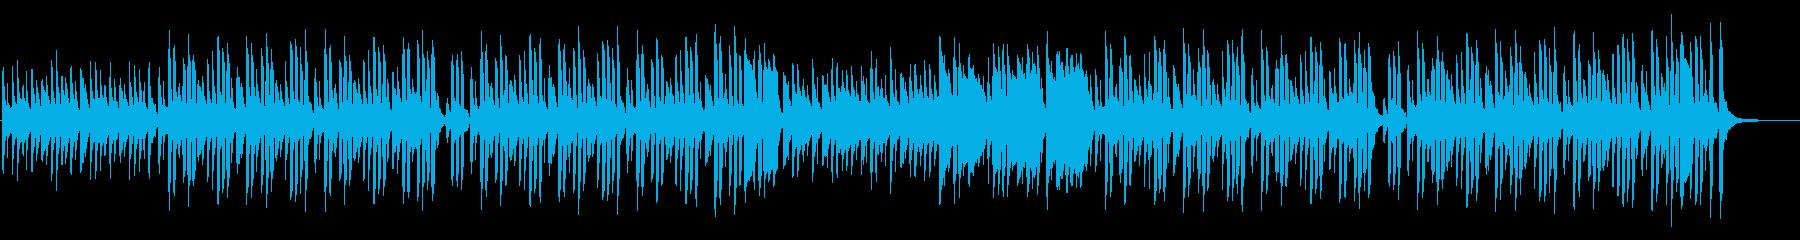 リコーダーが可愛いほんわかしたBGMの再生済みの波形